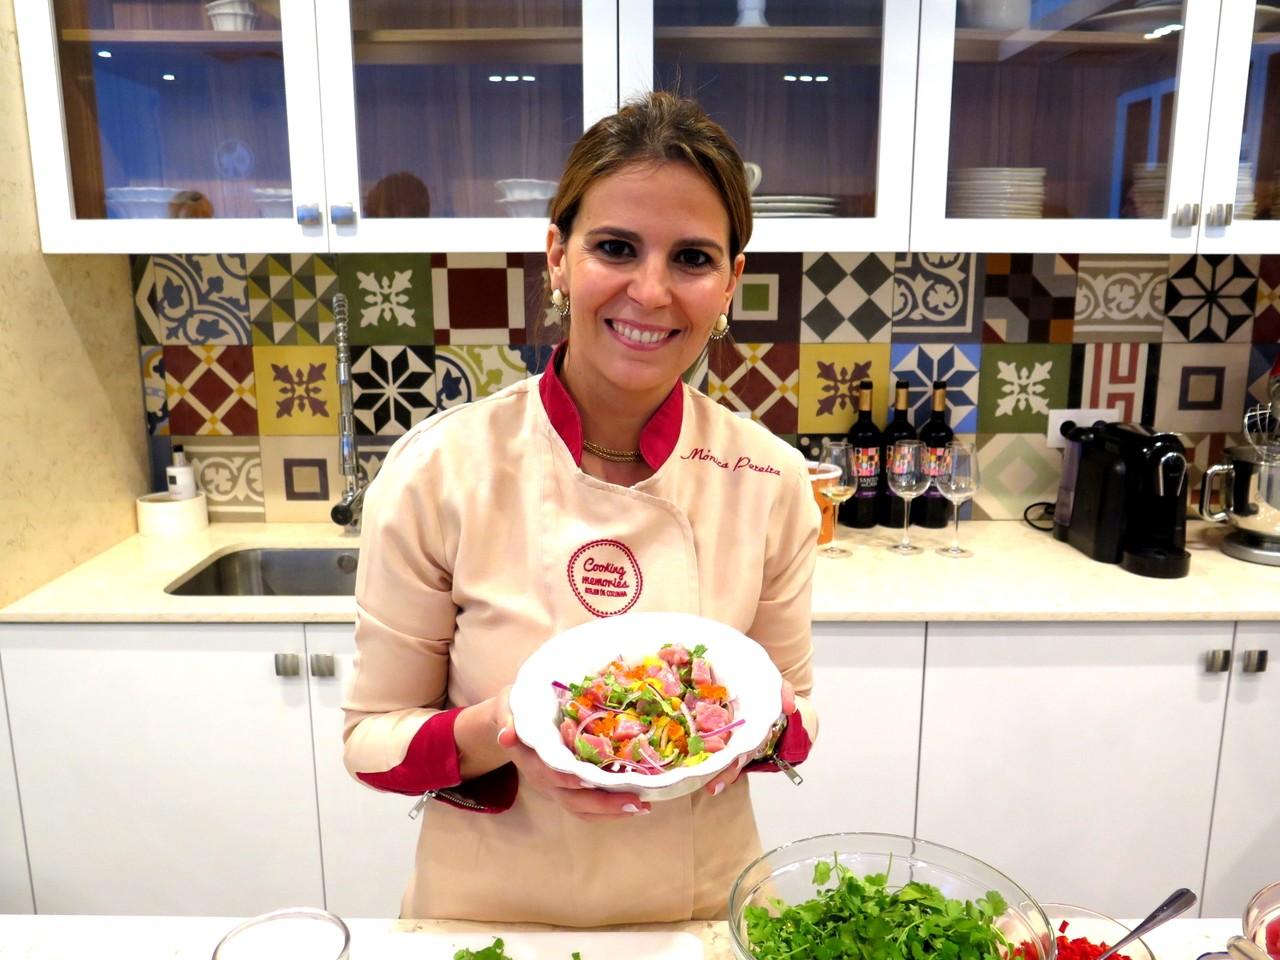 Mónica Pereira e o ceviche